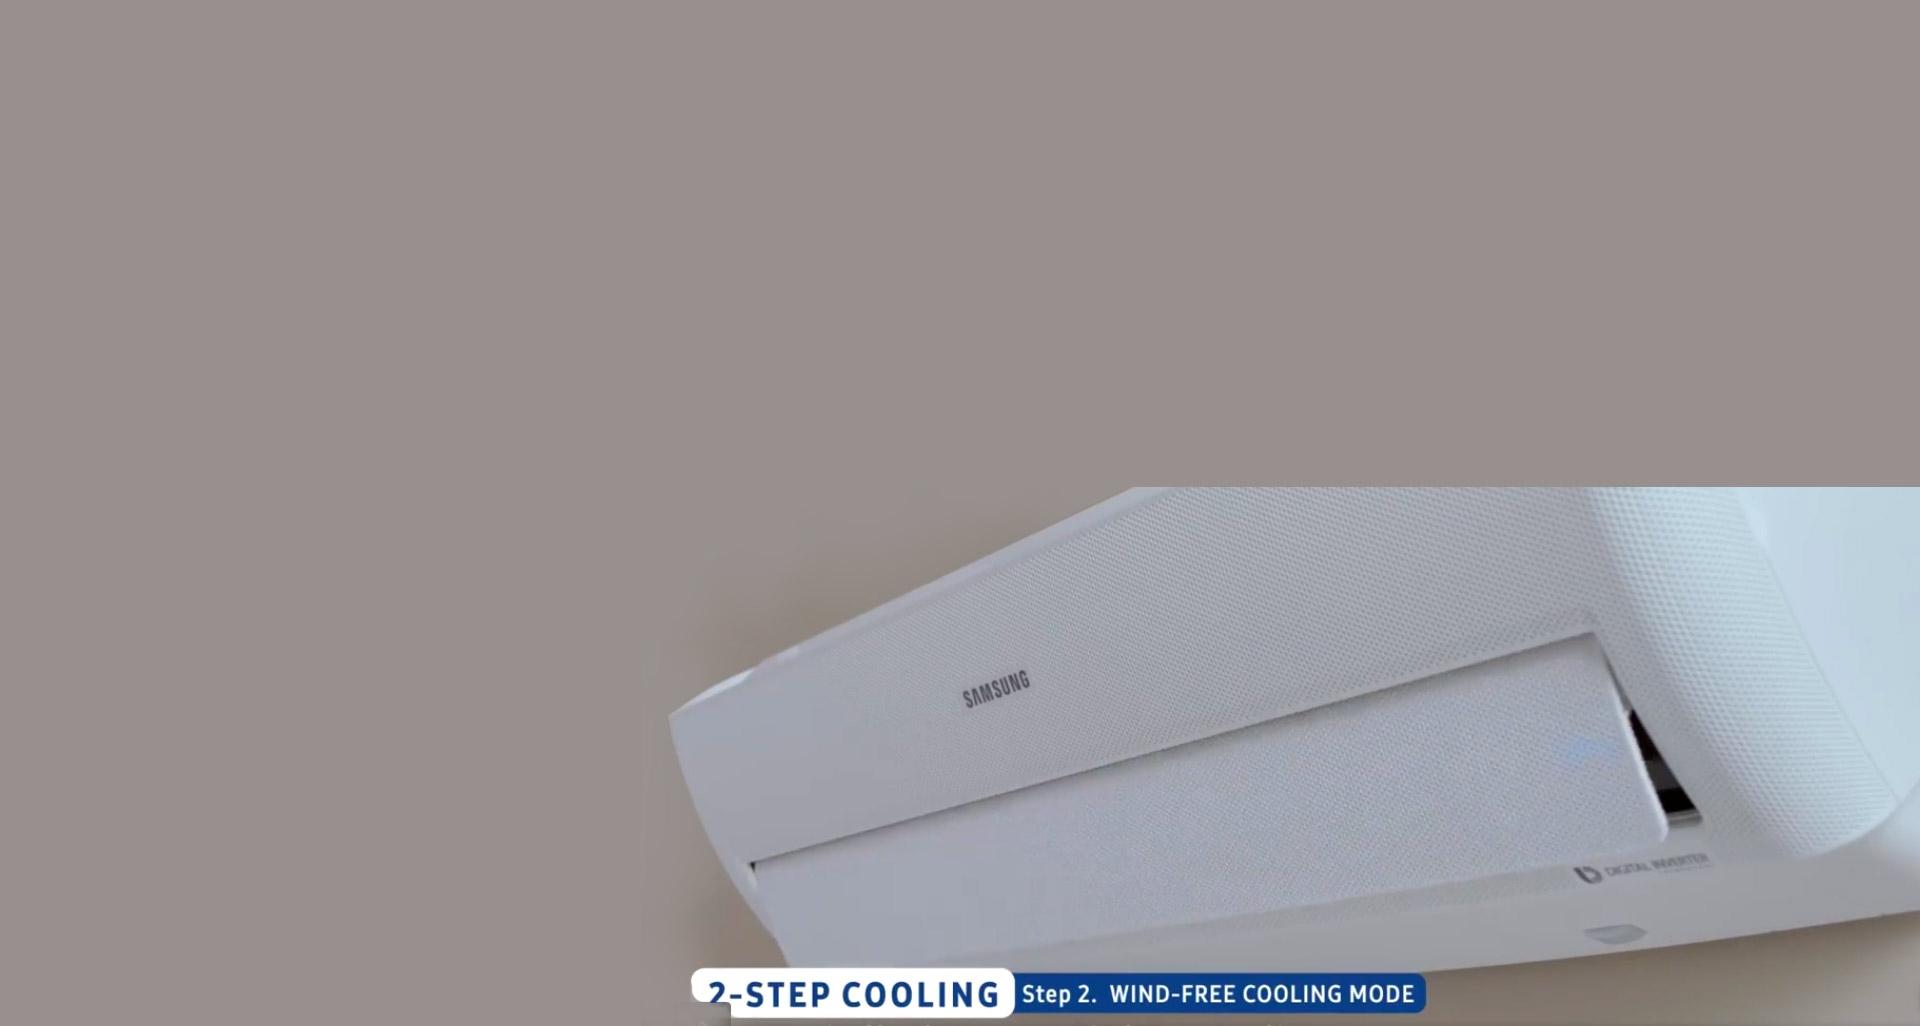 کولر wind-free سامسونگ با حالت خنک کننده دو مرحله ای